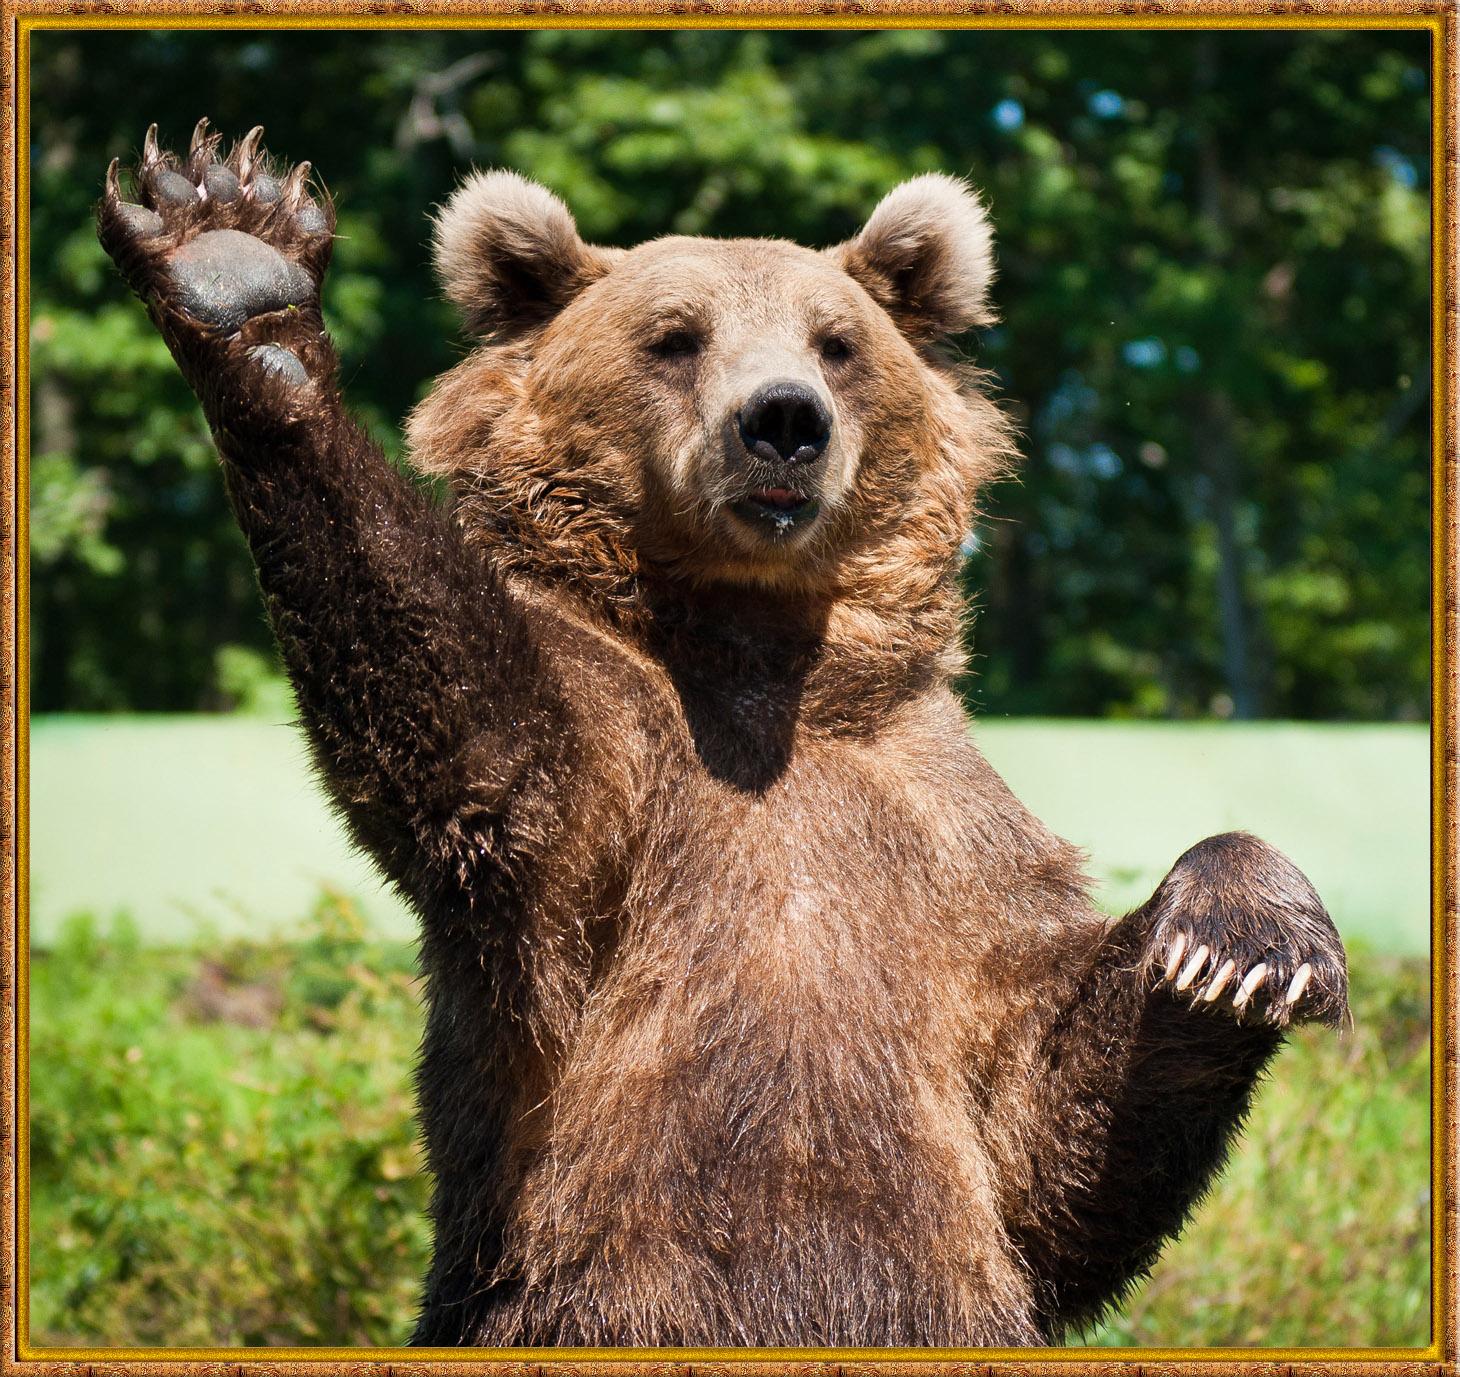 образом, очень прикольное необычное фото медвежат шары, гирлянды украшения